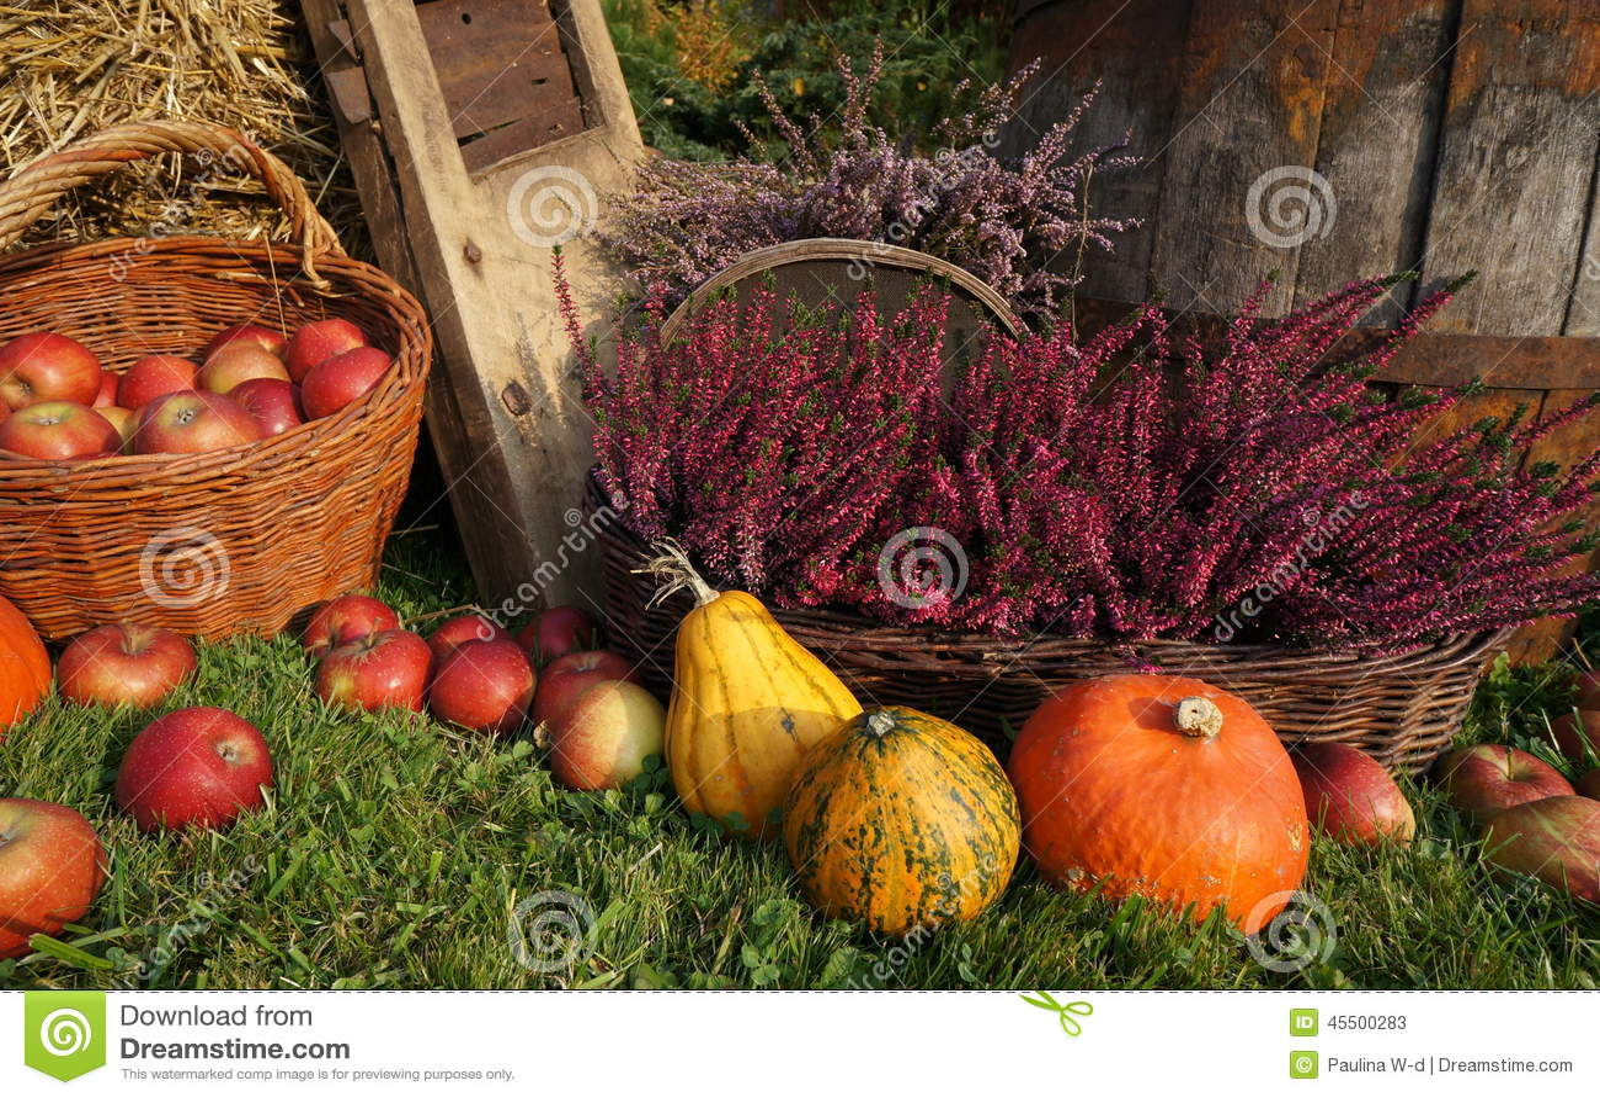 Украшение осени, тыквы, сквош, цветки вереска и плетеная корзина с яблоками